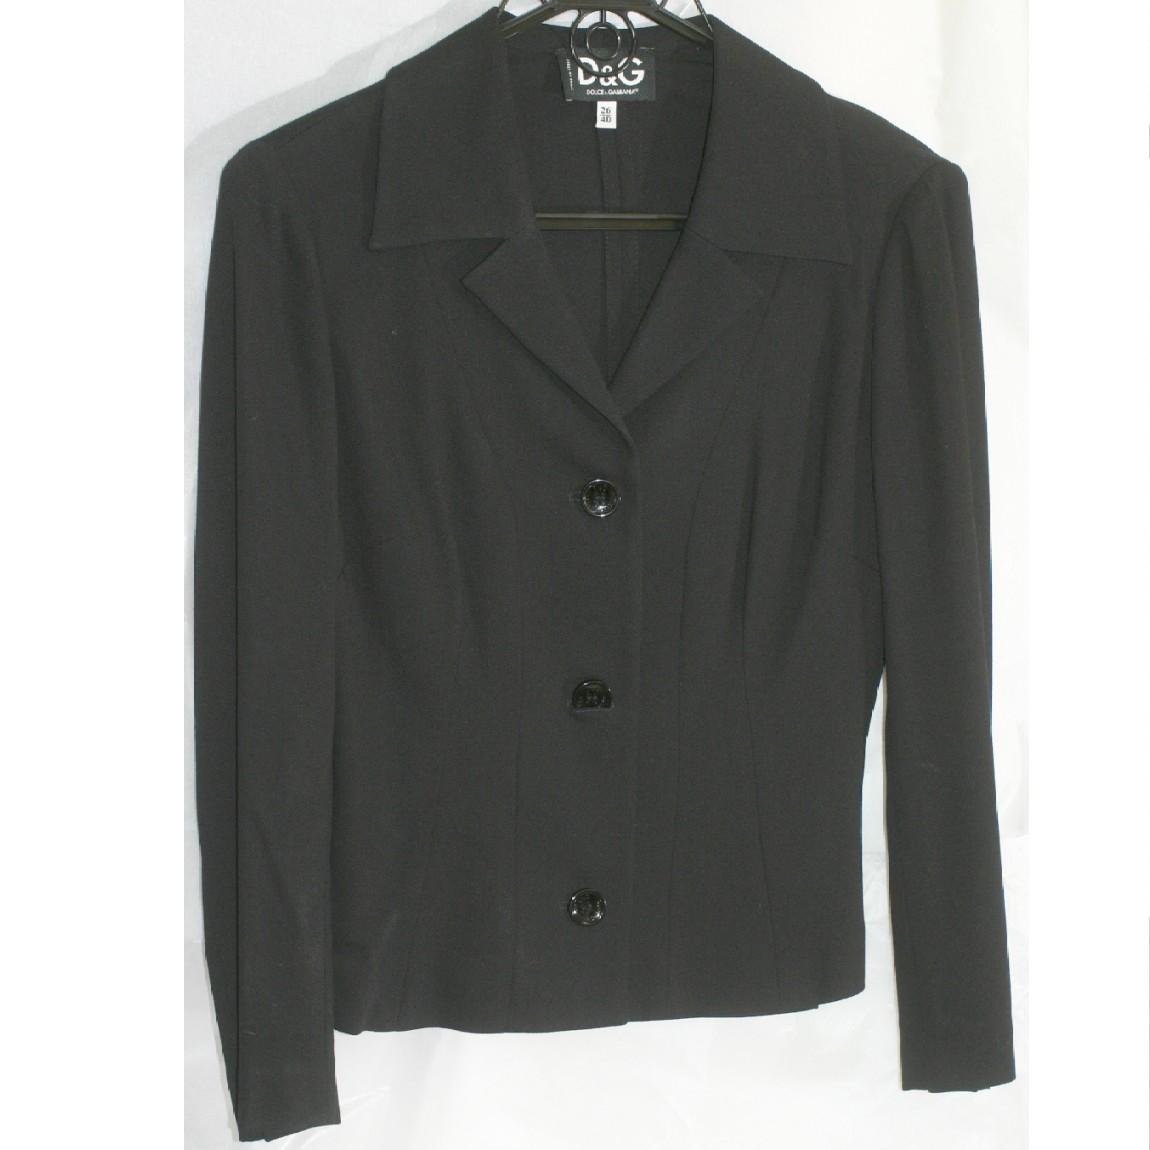 【中古】本物抜群に綺麗D&Gの女性用の黒いジャケット ○D3-166 サイズ着丈50、肩幅42、身幅44、袖丈54cm